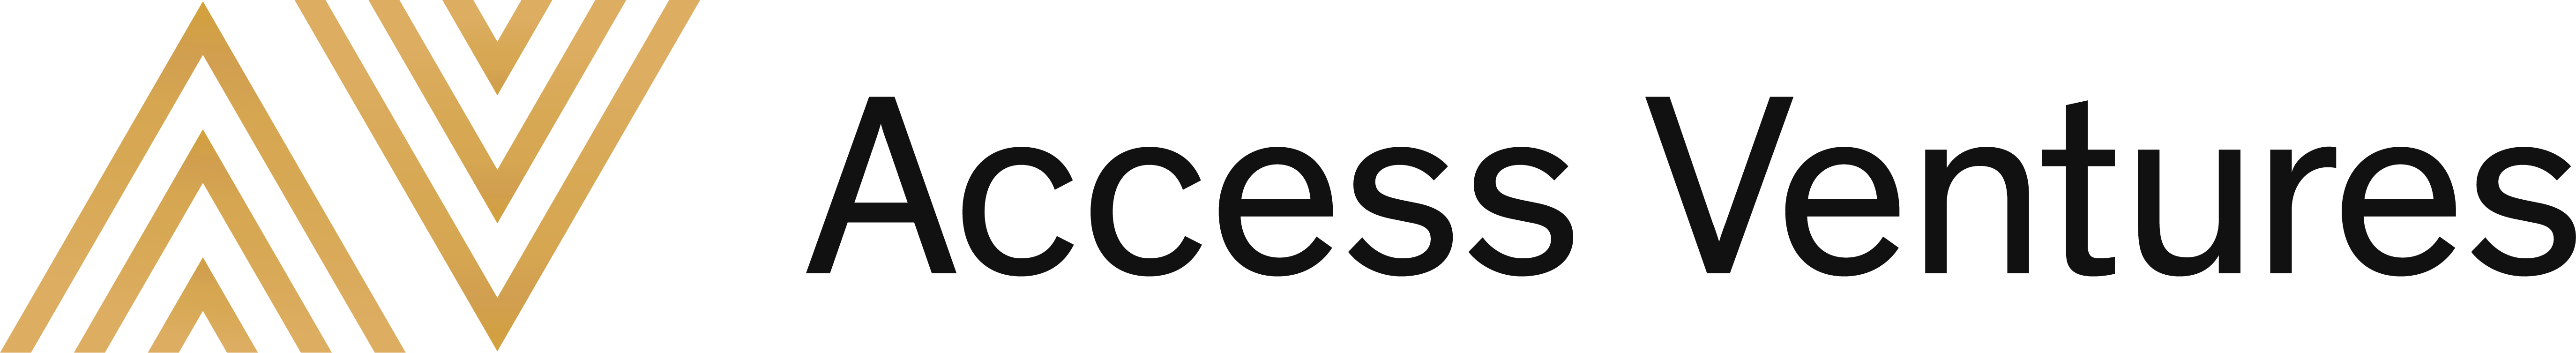 Access Ventures logo